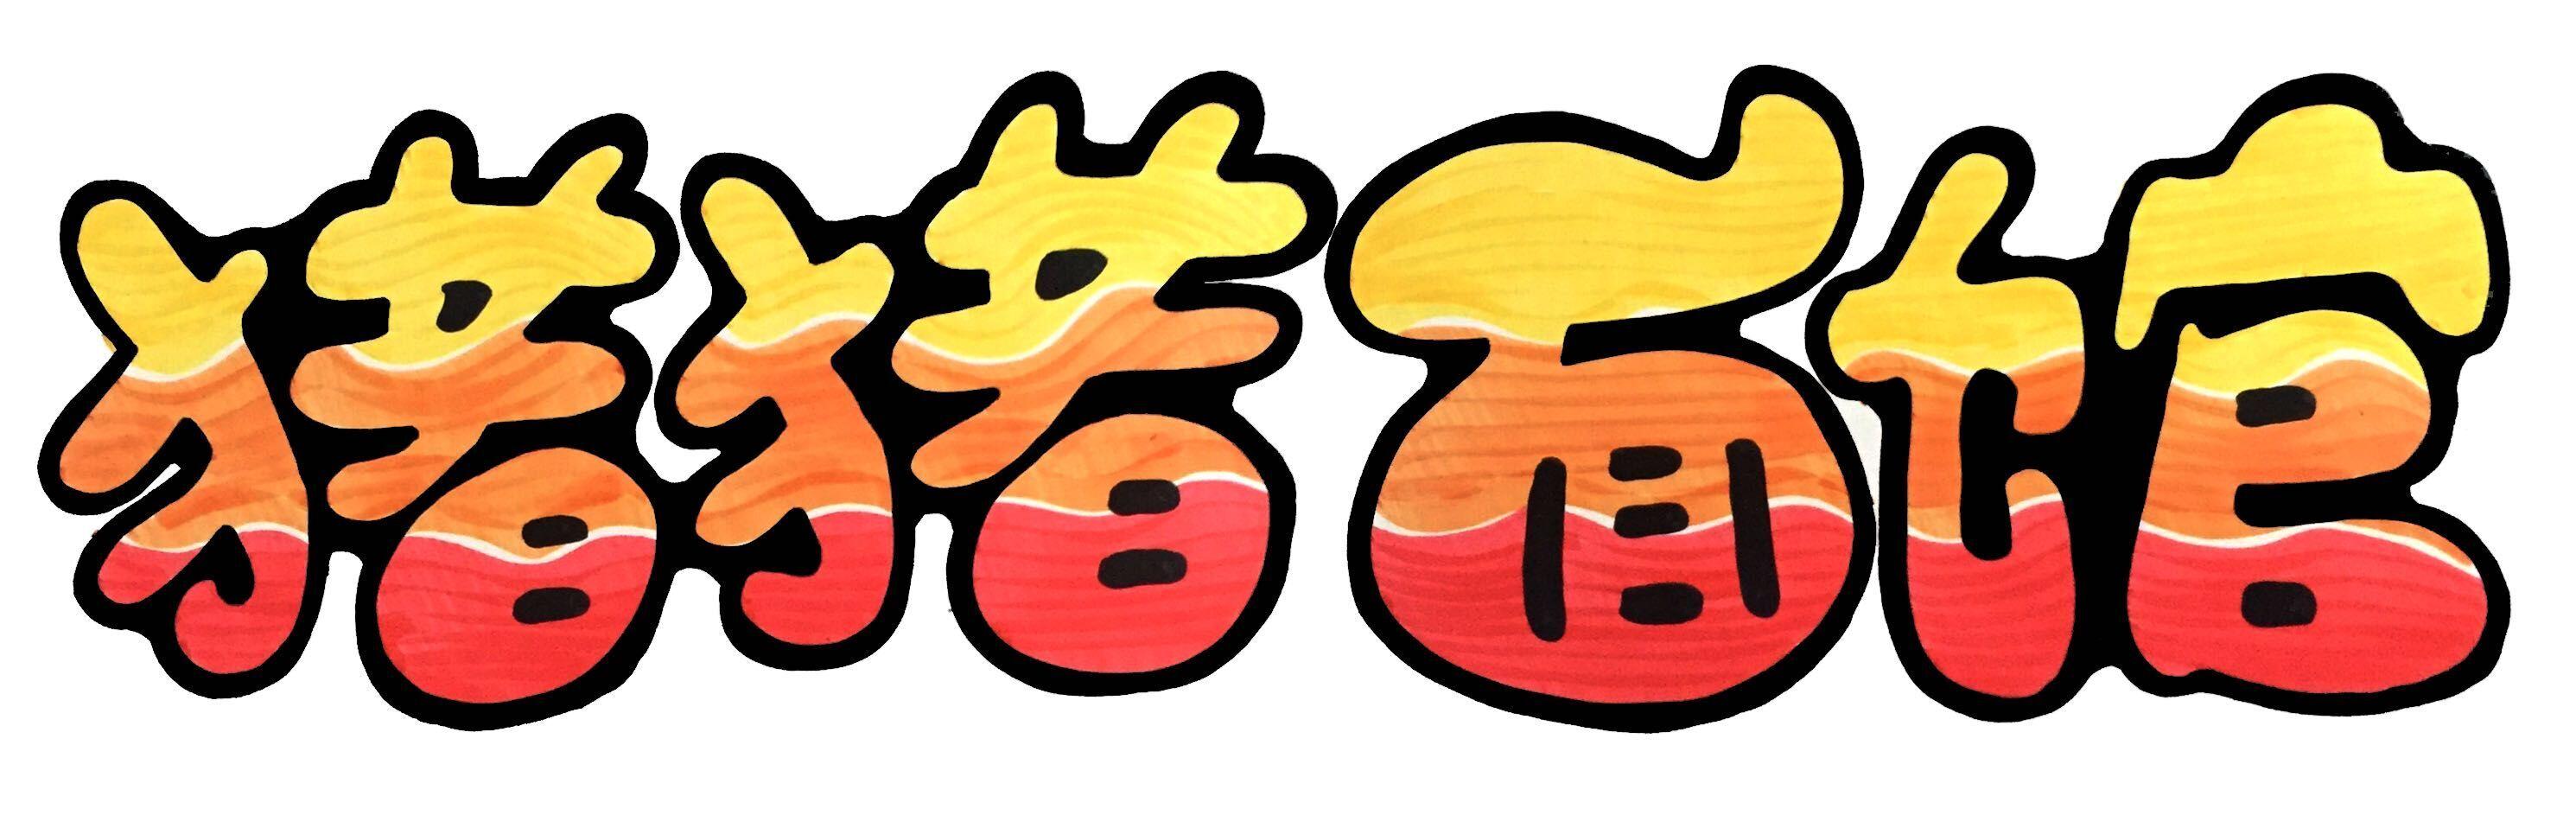 猪猪面馆(宇子).jpg